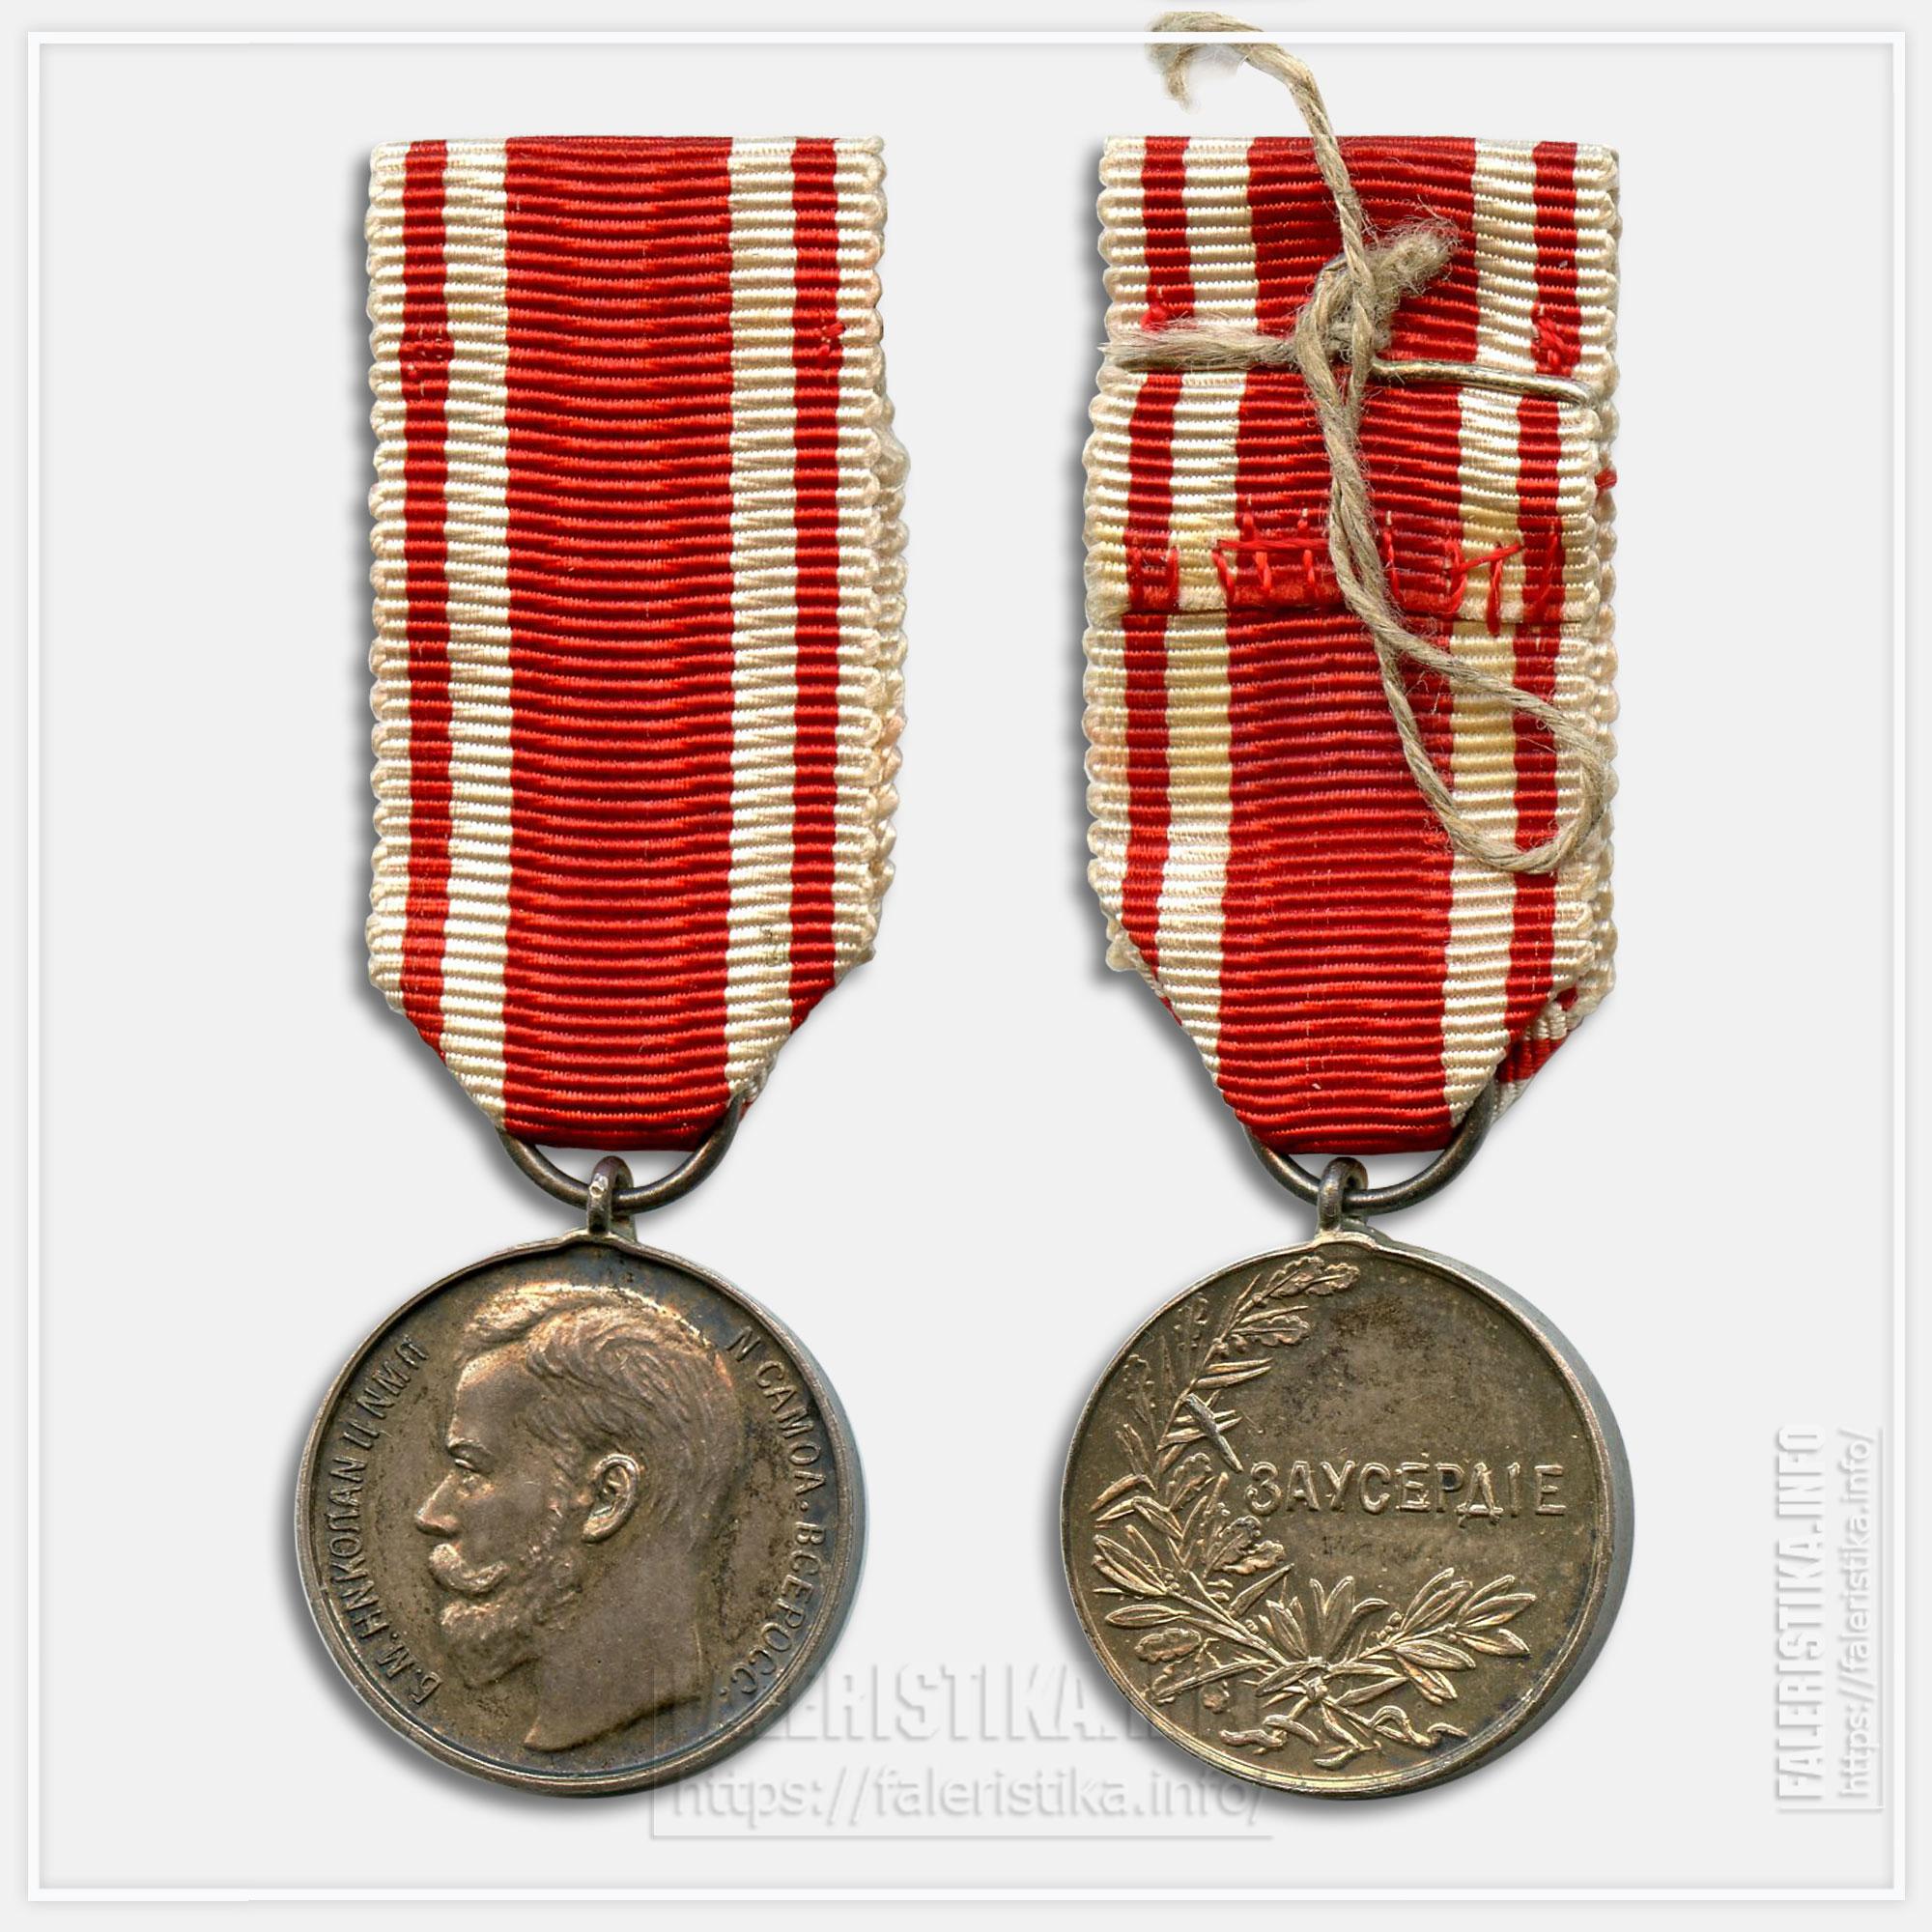 """Медаль """"За усердие"""" Николай II. Фрачник. Западная Европа (Великобритания). Неизвестная мастерская. Серебро.18 мм. Ошибка в написании буквы """"И"""""""